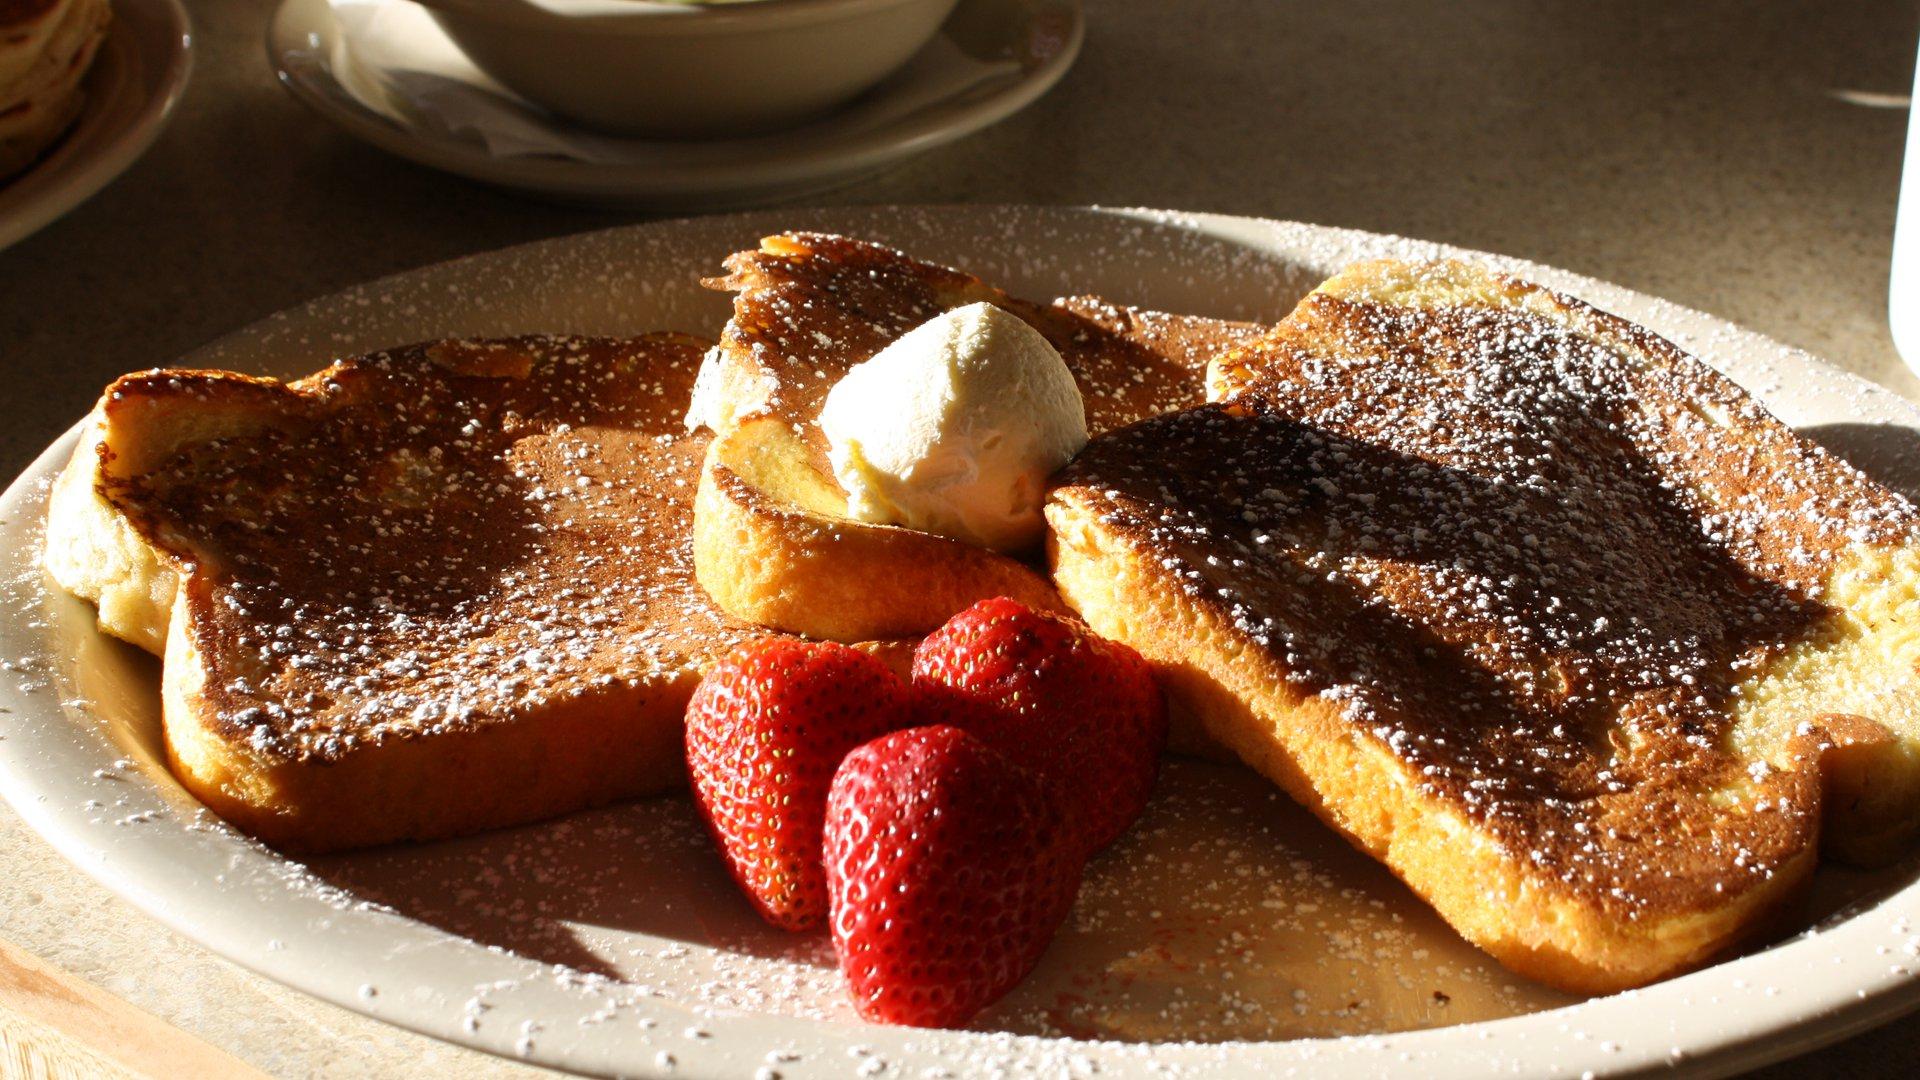 Best Breakfast Restaurant in Lenexa, KS